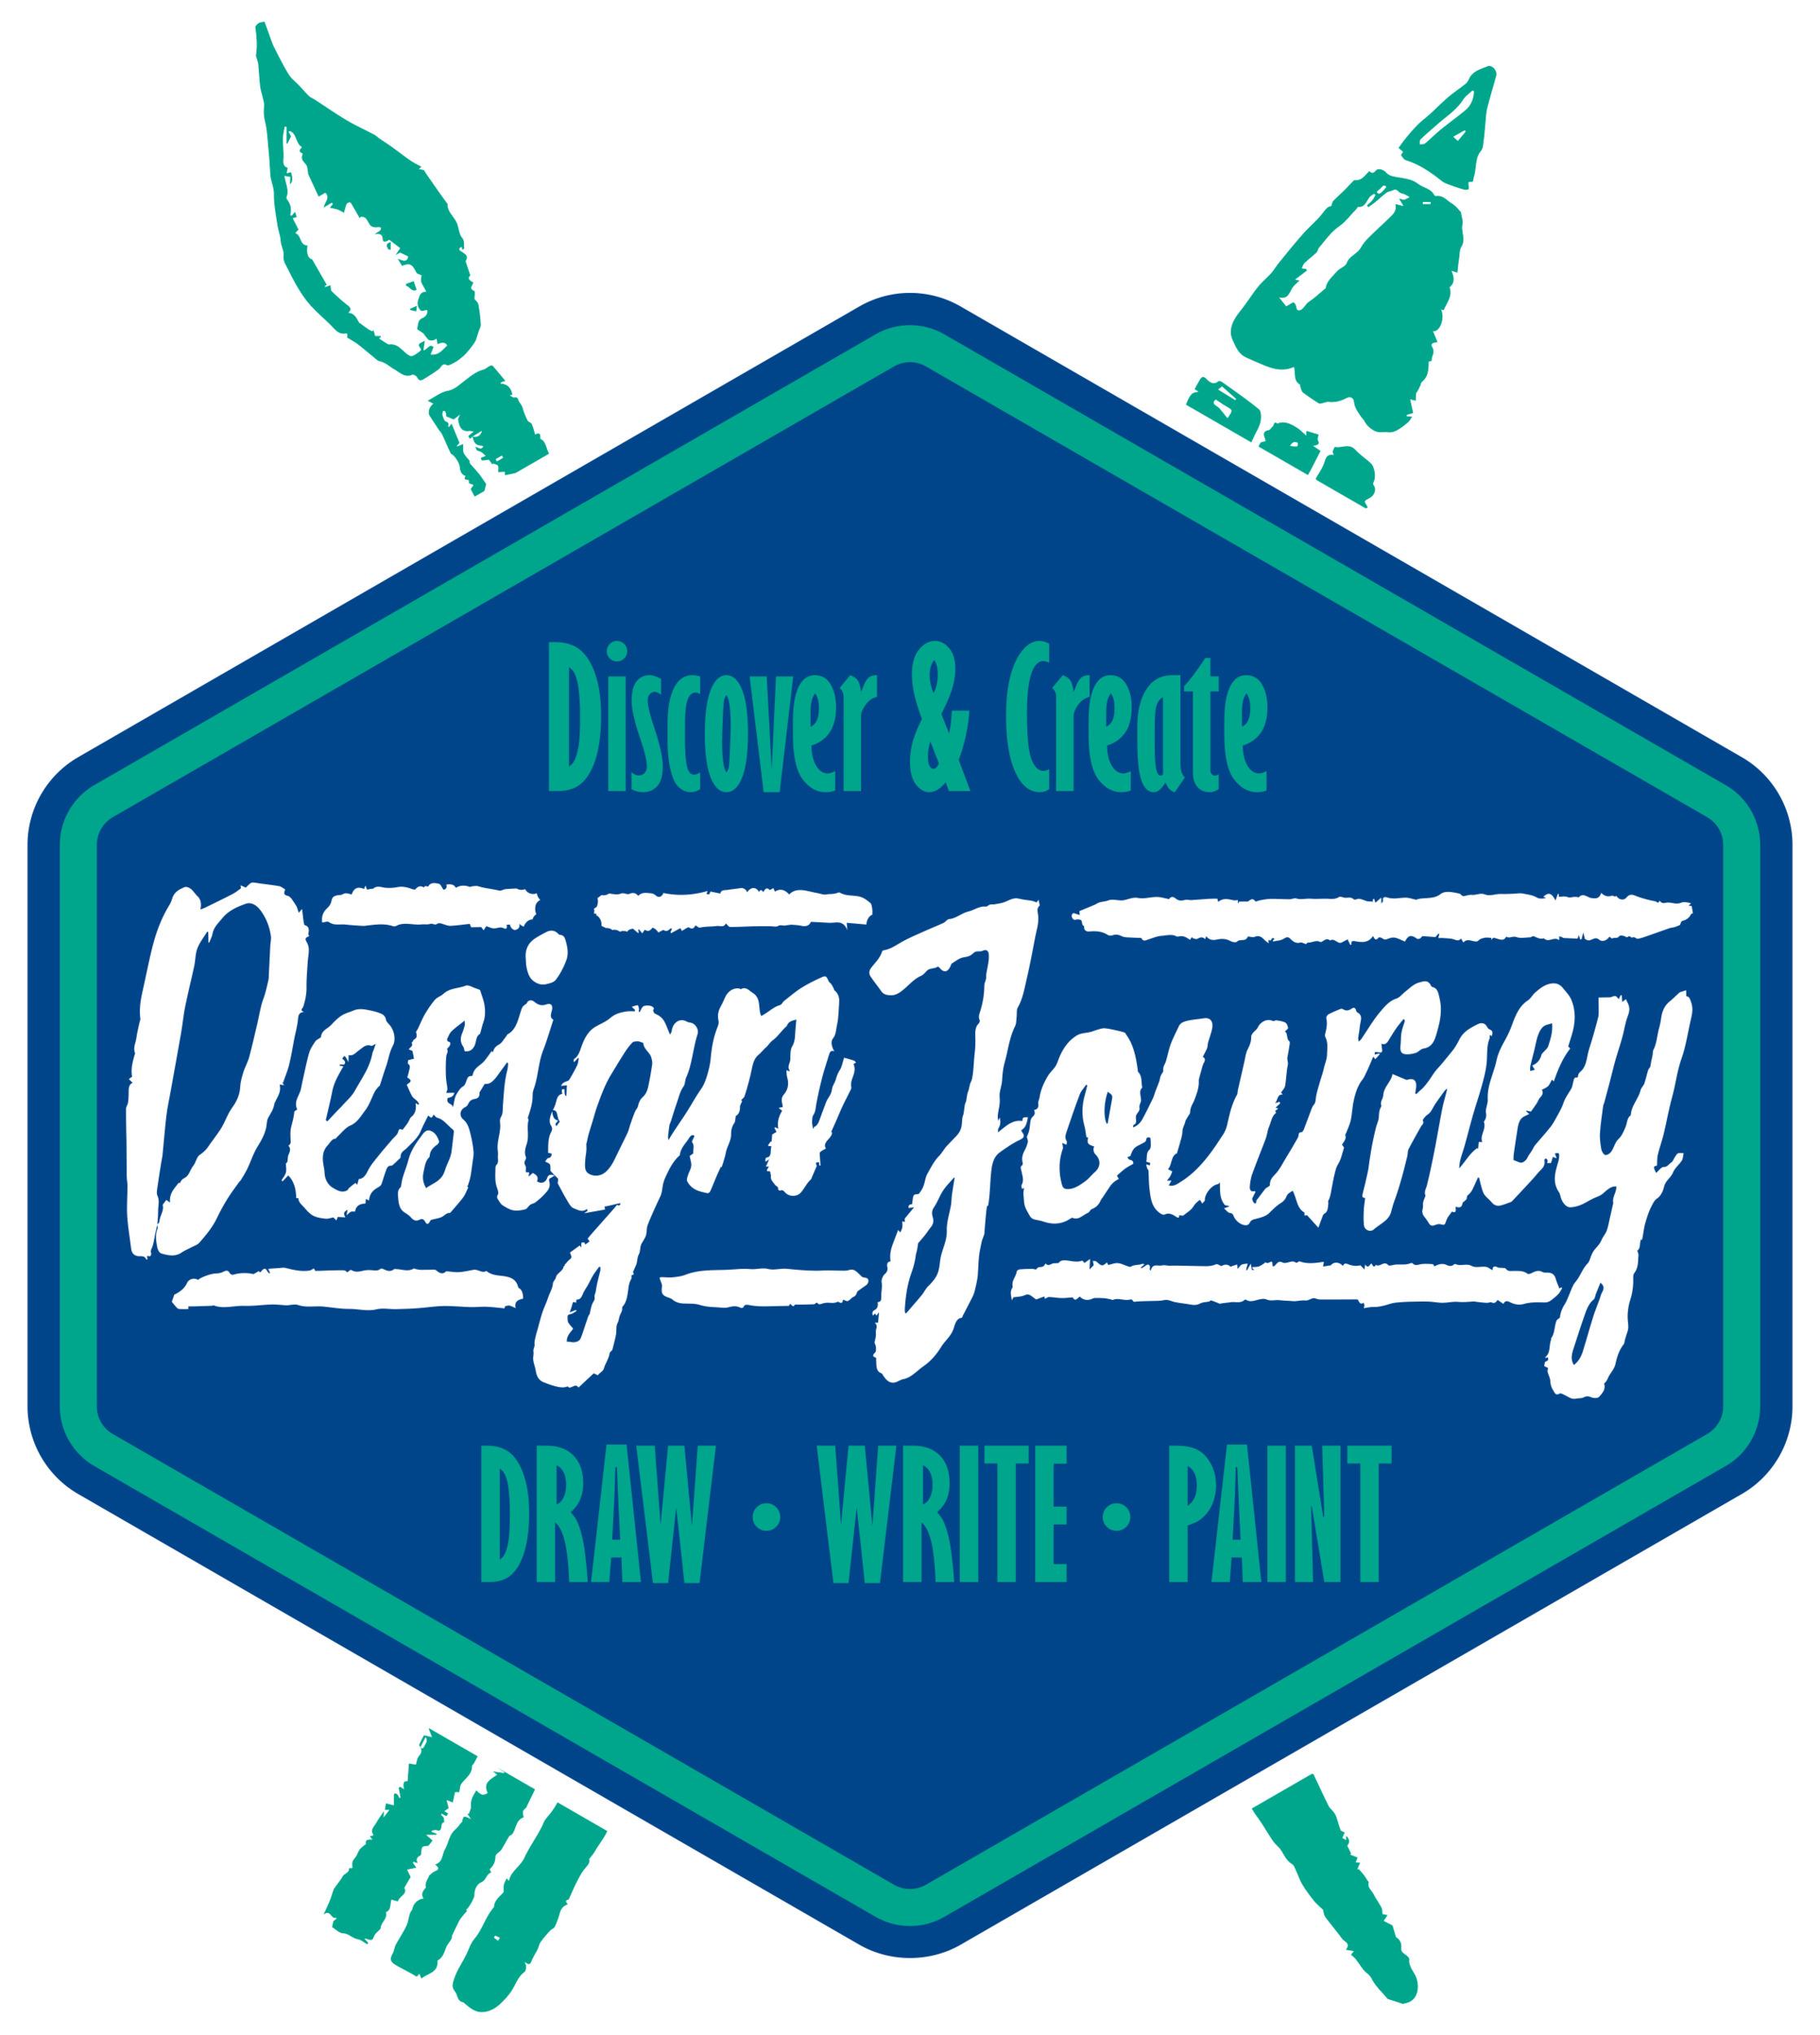 ST16_07_11 PL Kreativ Einstiegsrange_Logo18_07-18_CMYK